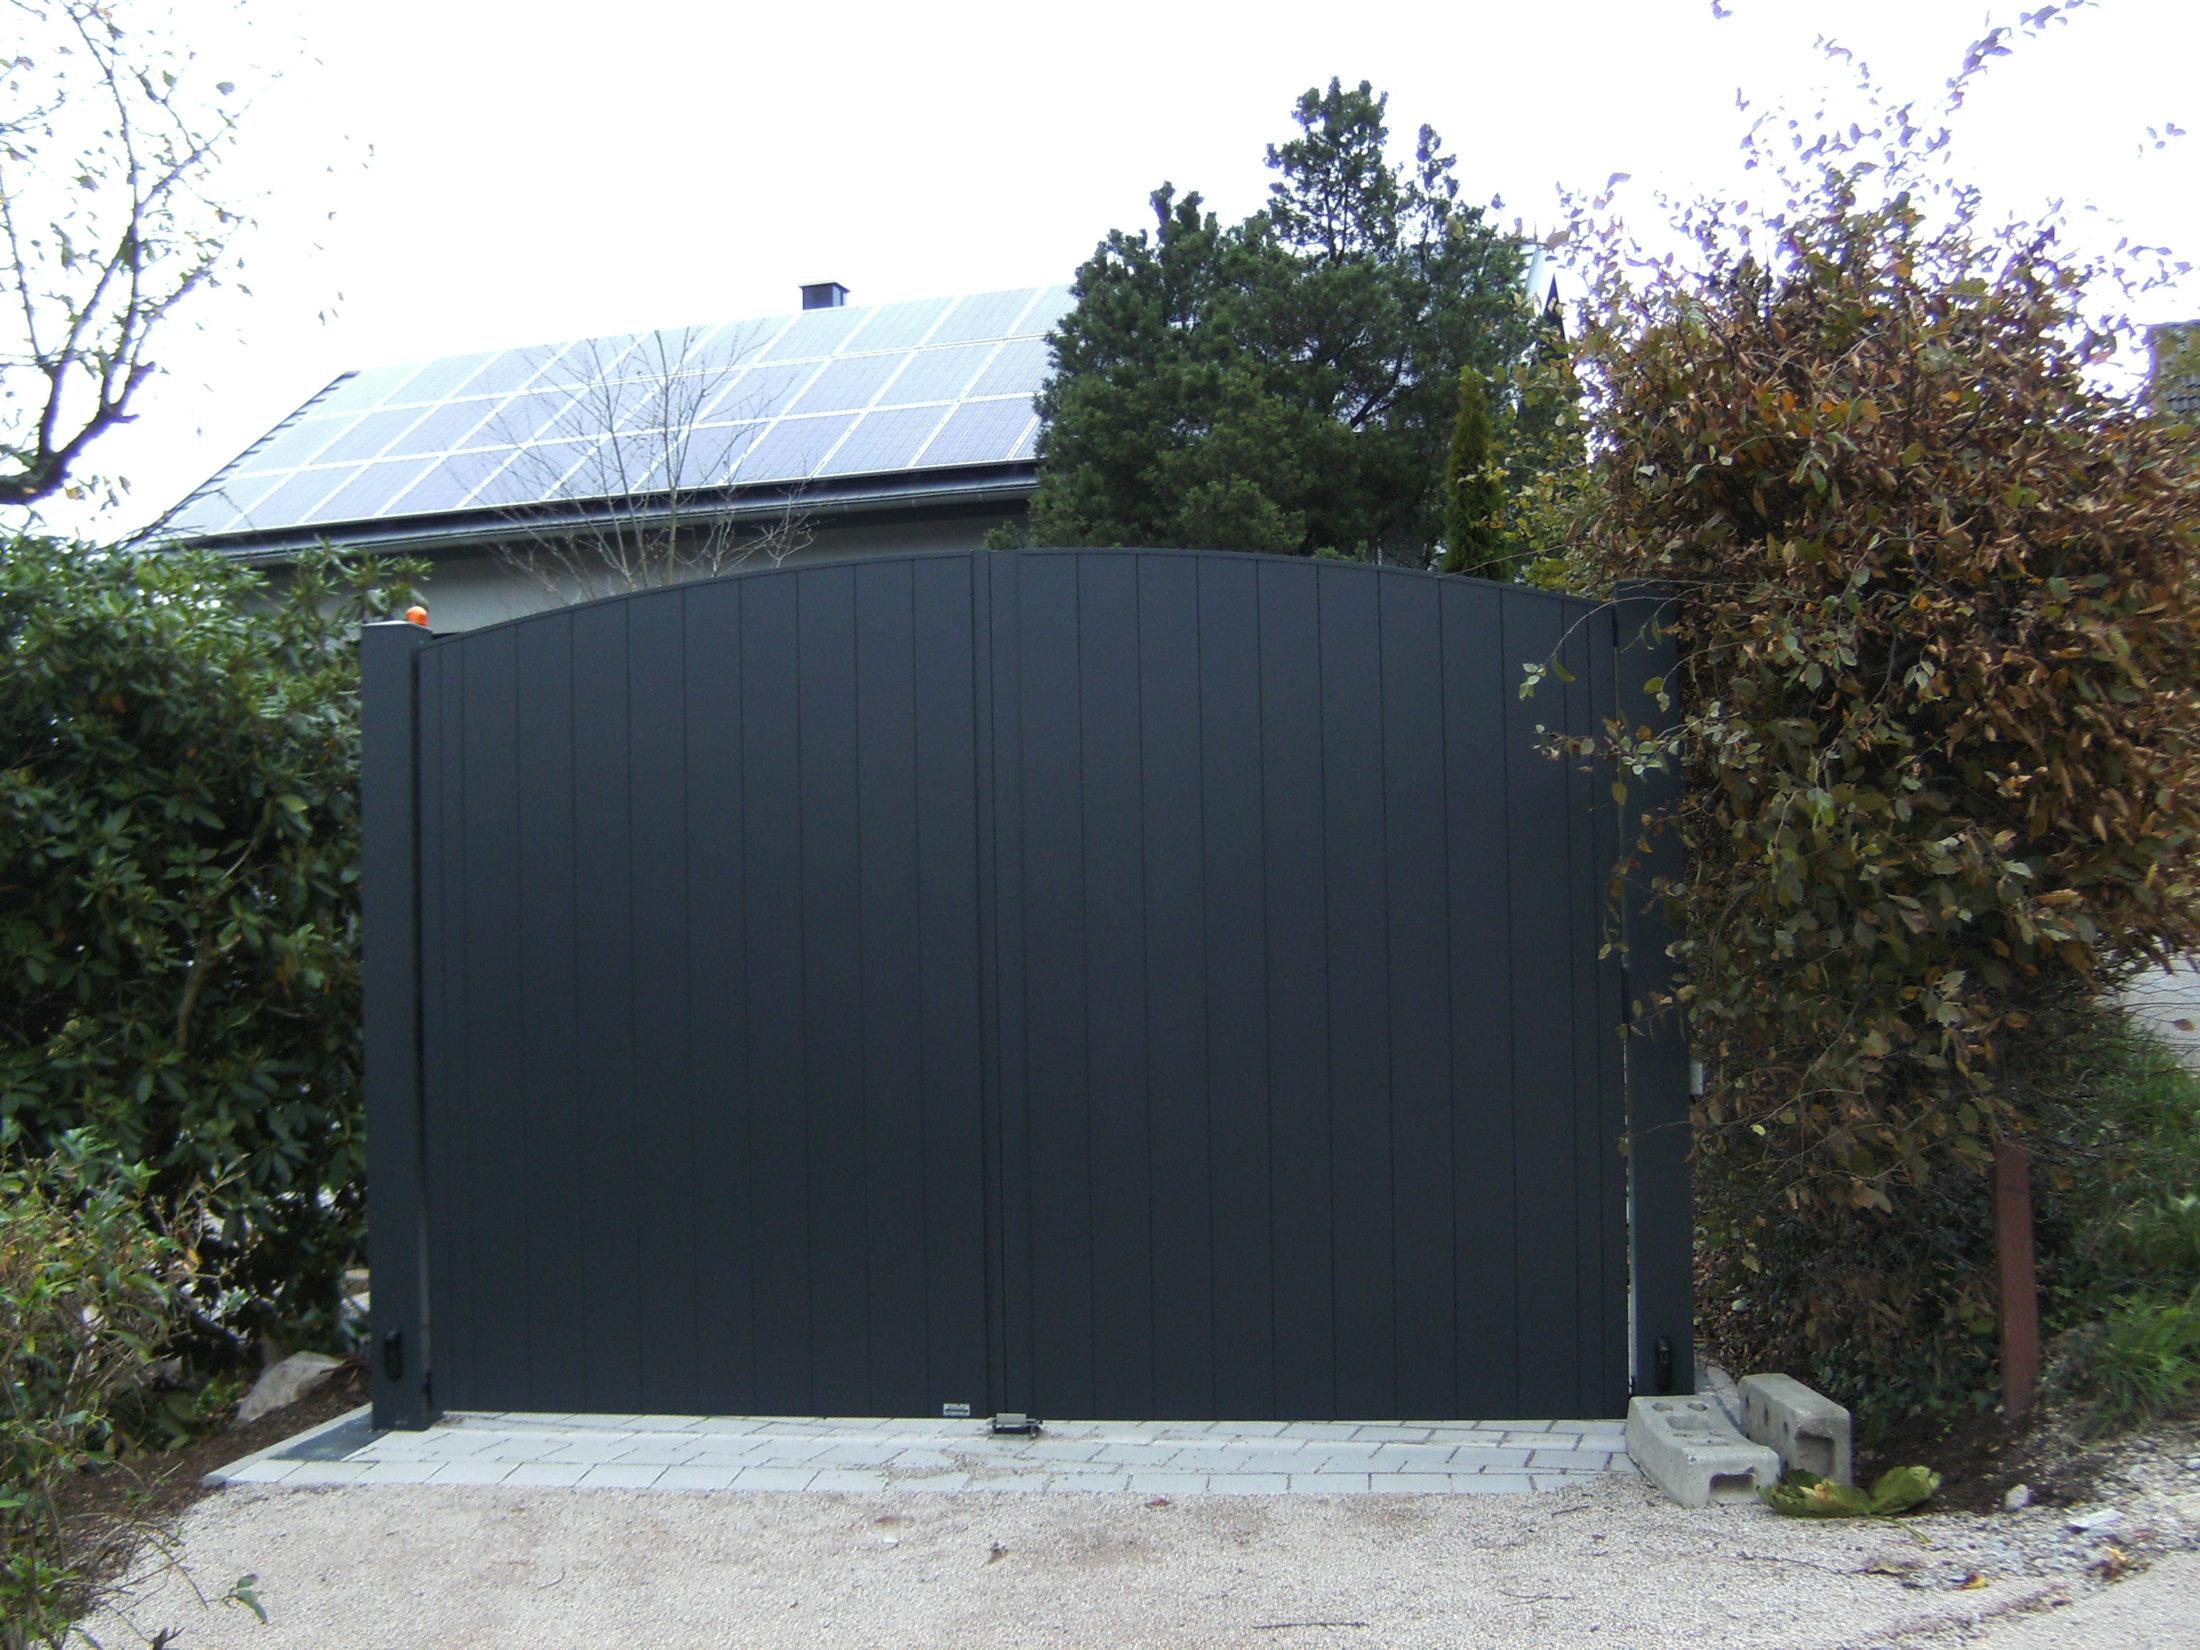 2-flügeliges Hoftor mit Aluminum Beplankung